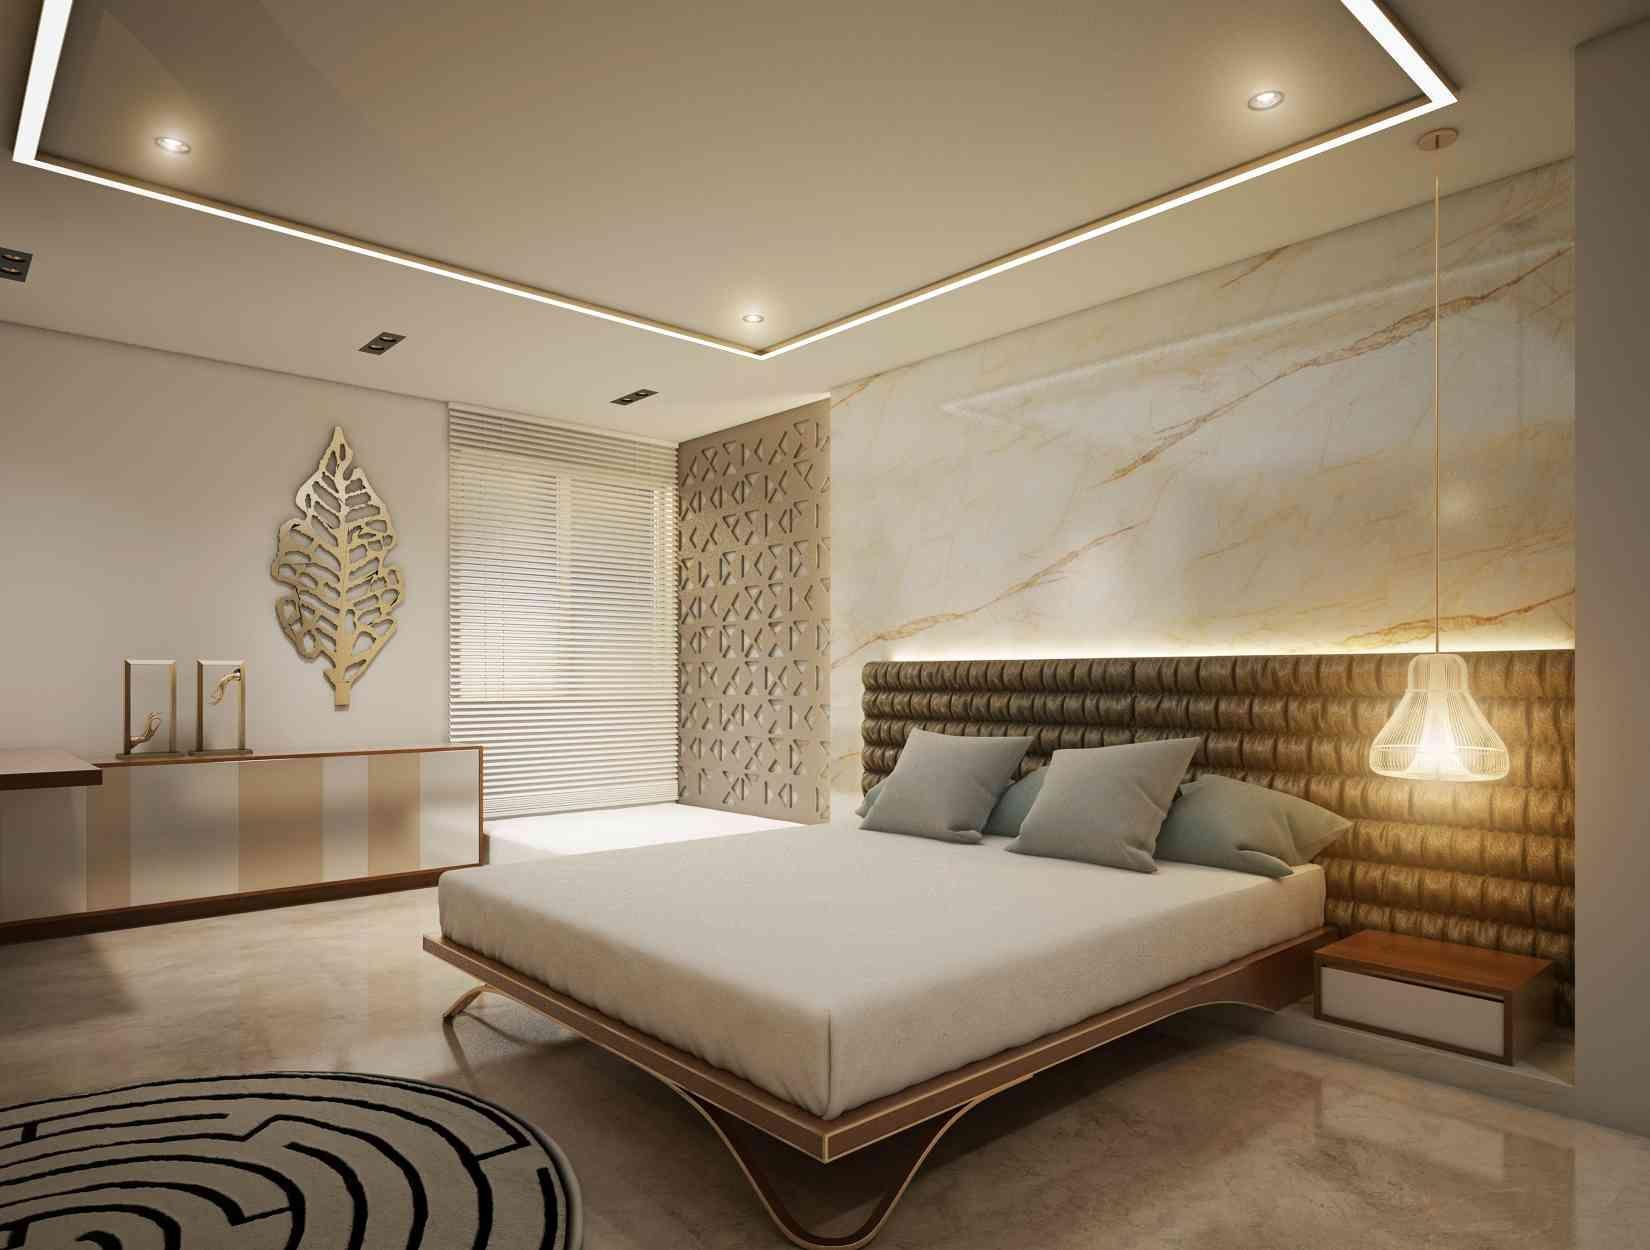 Design By Cast Bedroom Design Master Bedroom Design Home